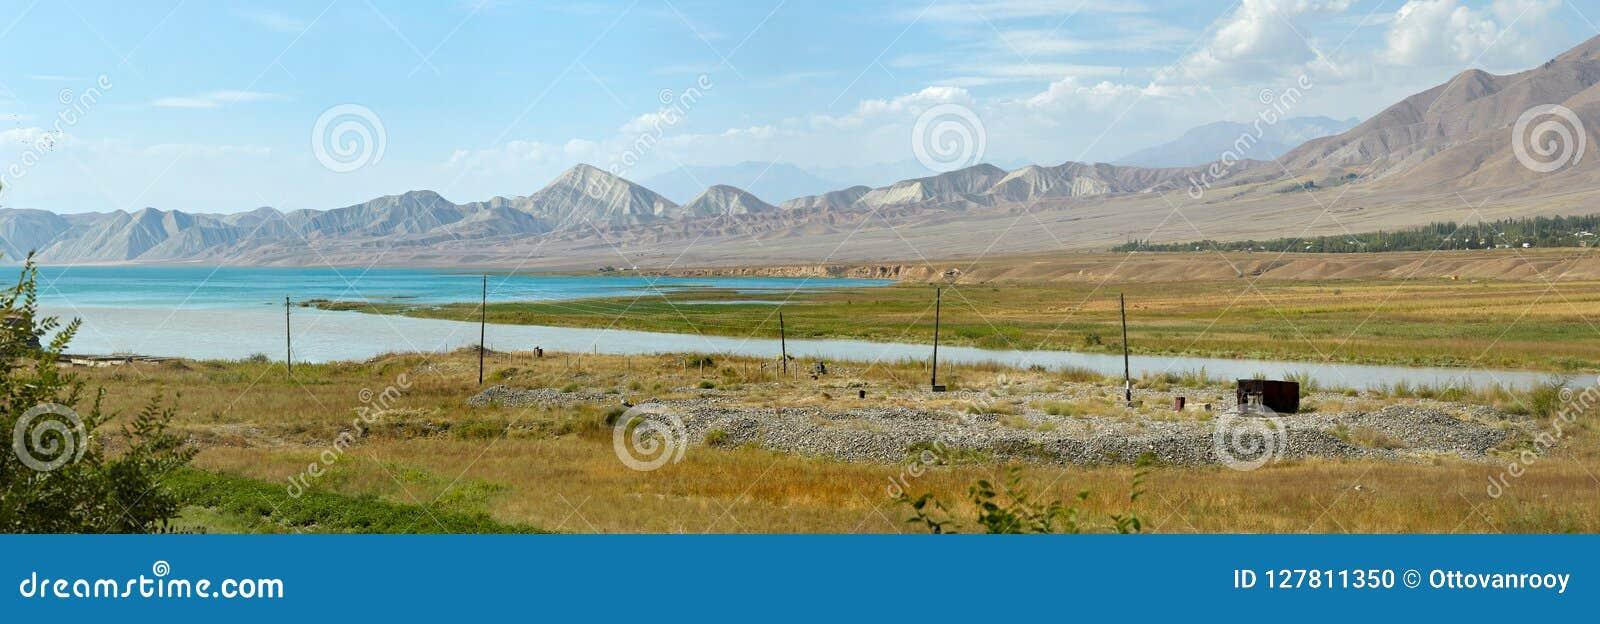 Лазурное голубое озеро в Джалалабаде, Кыргызстане